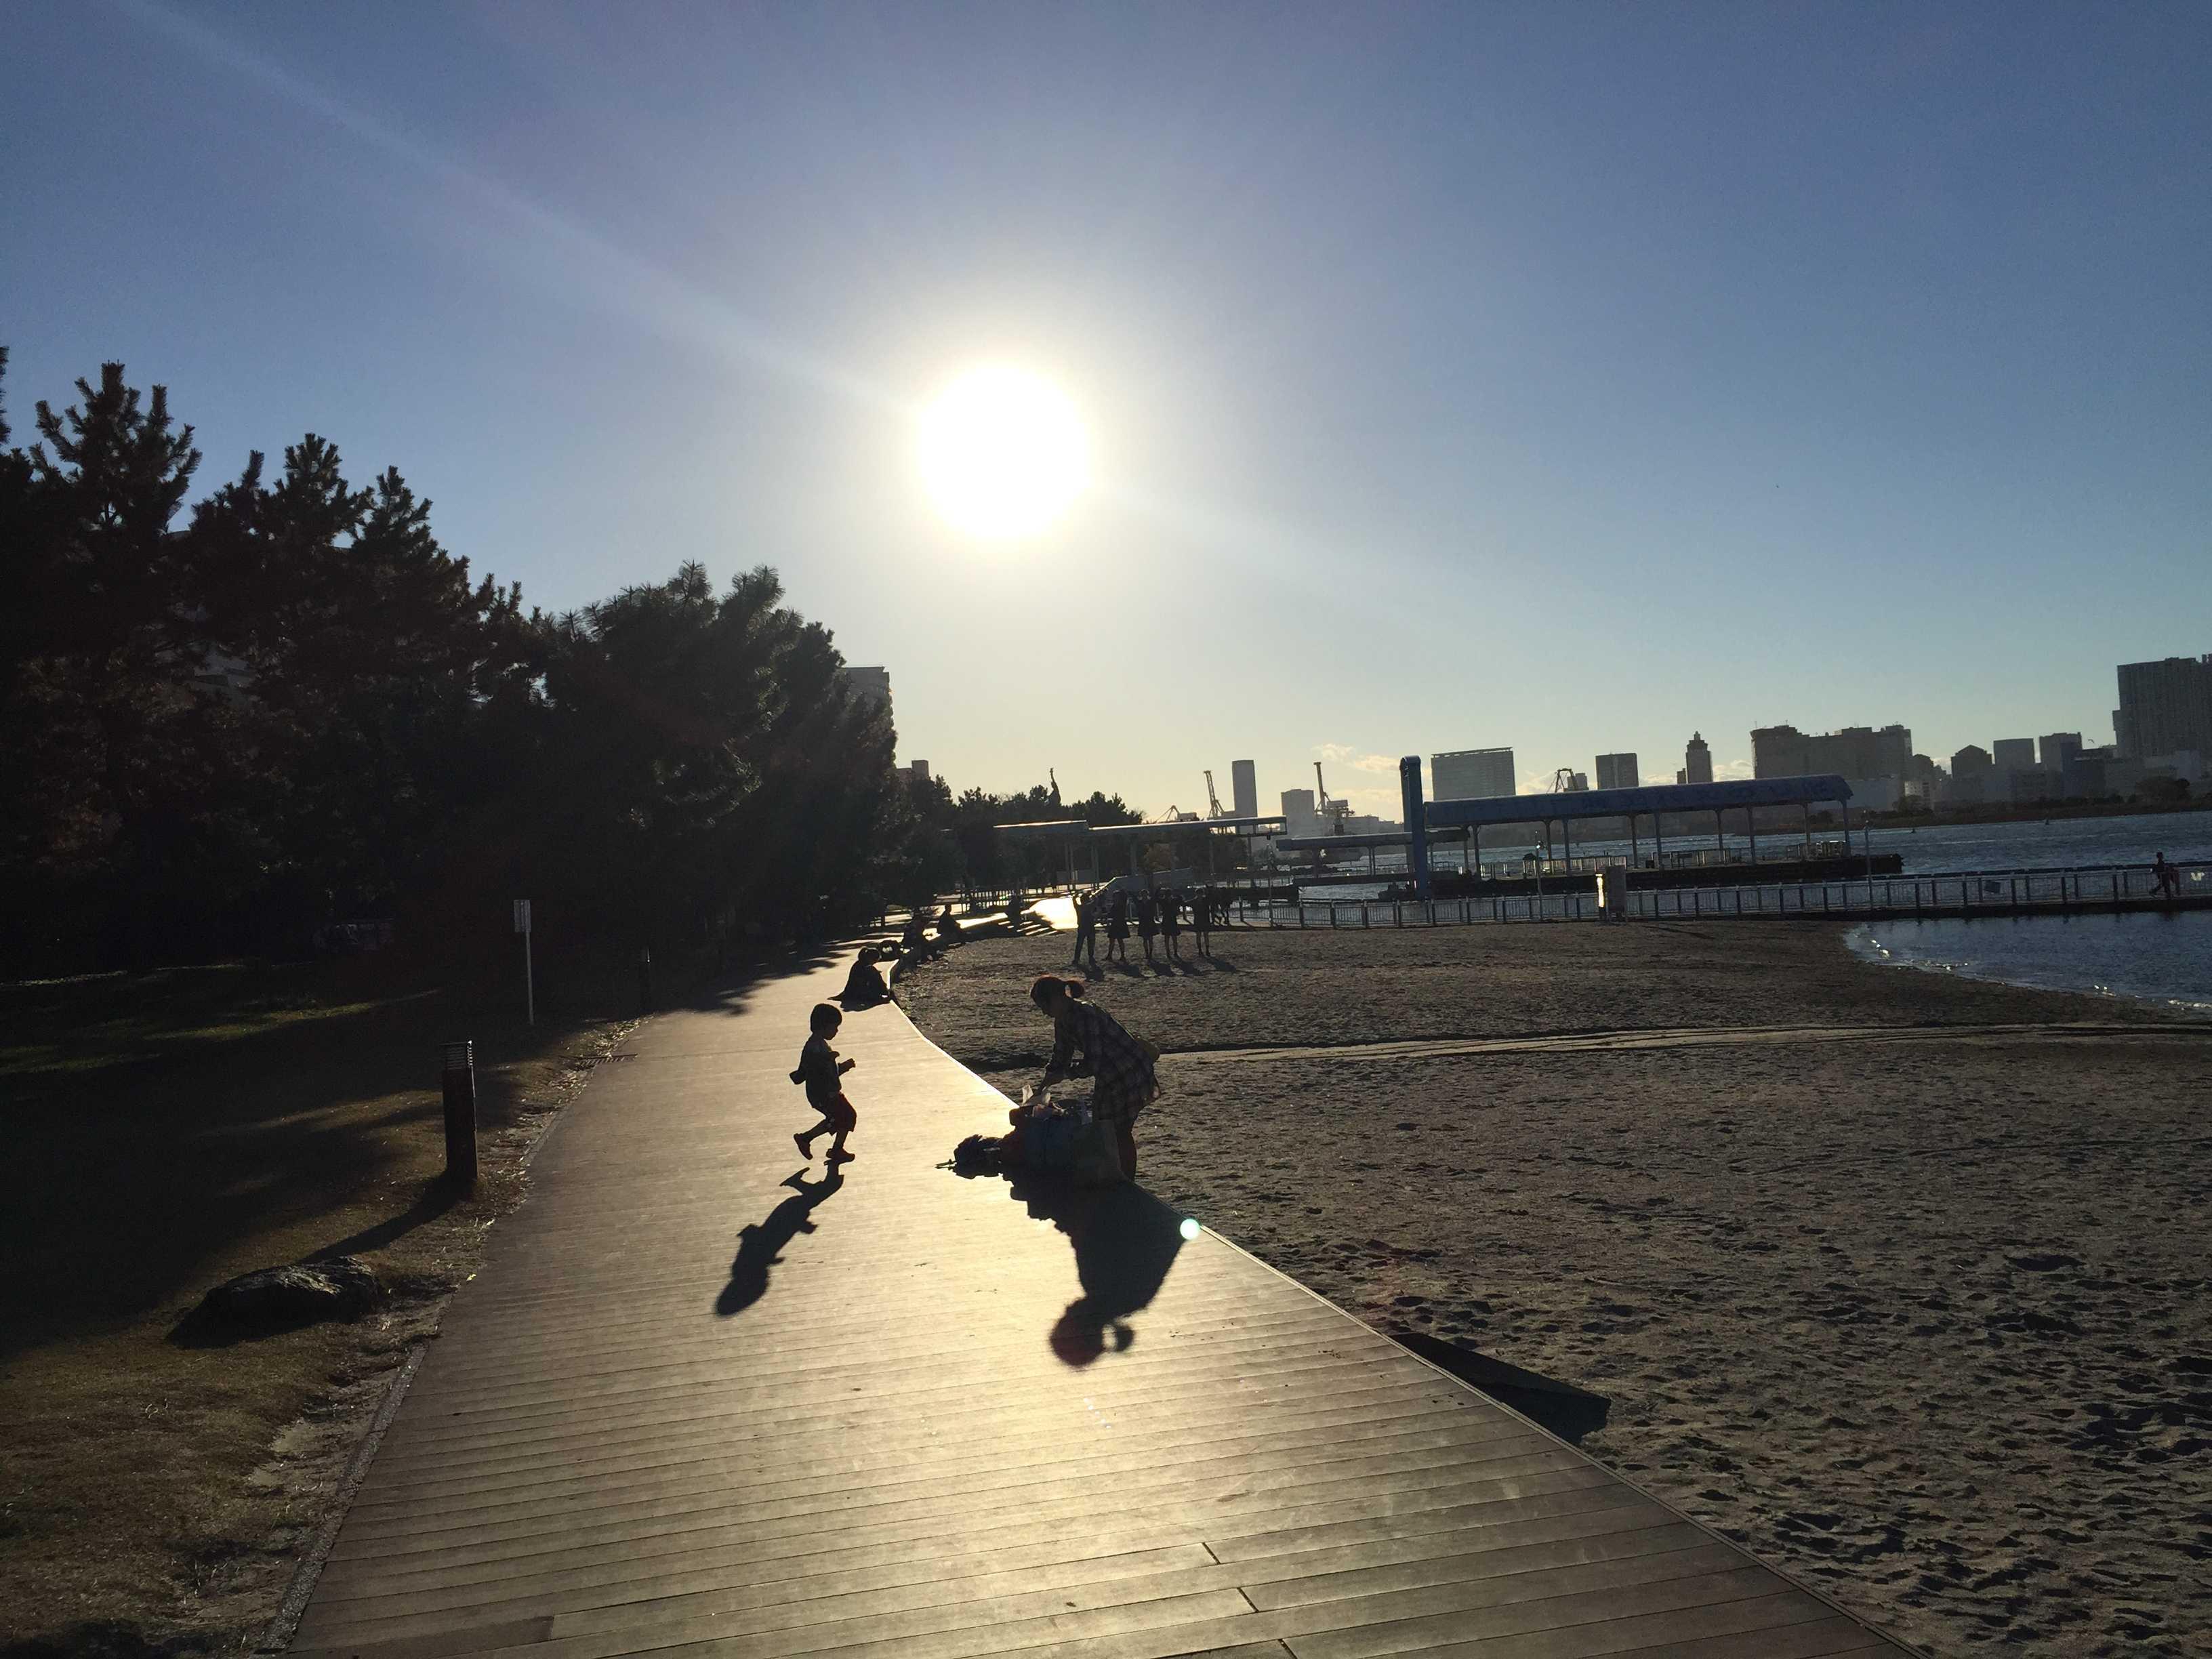 ボードウォークの上、子供が走る姿 - お台場海浜公園